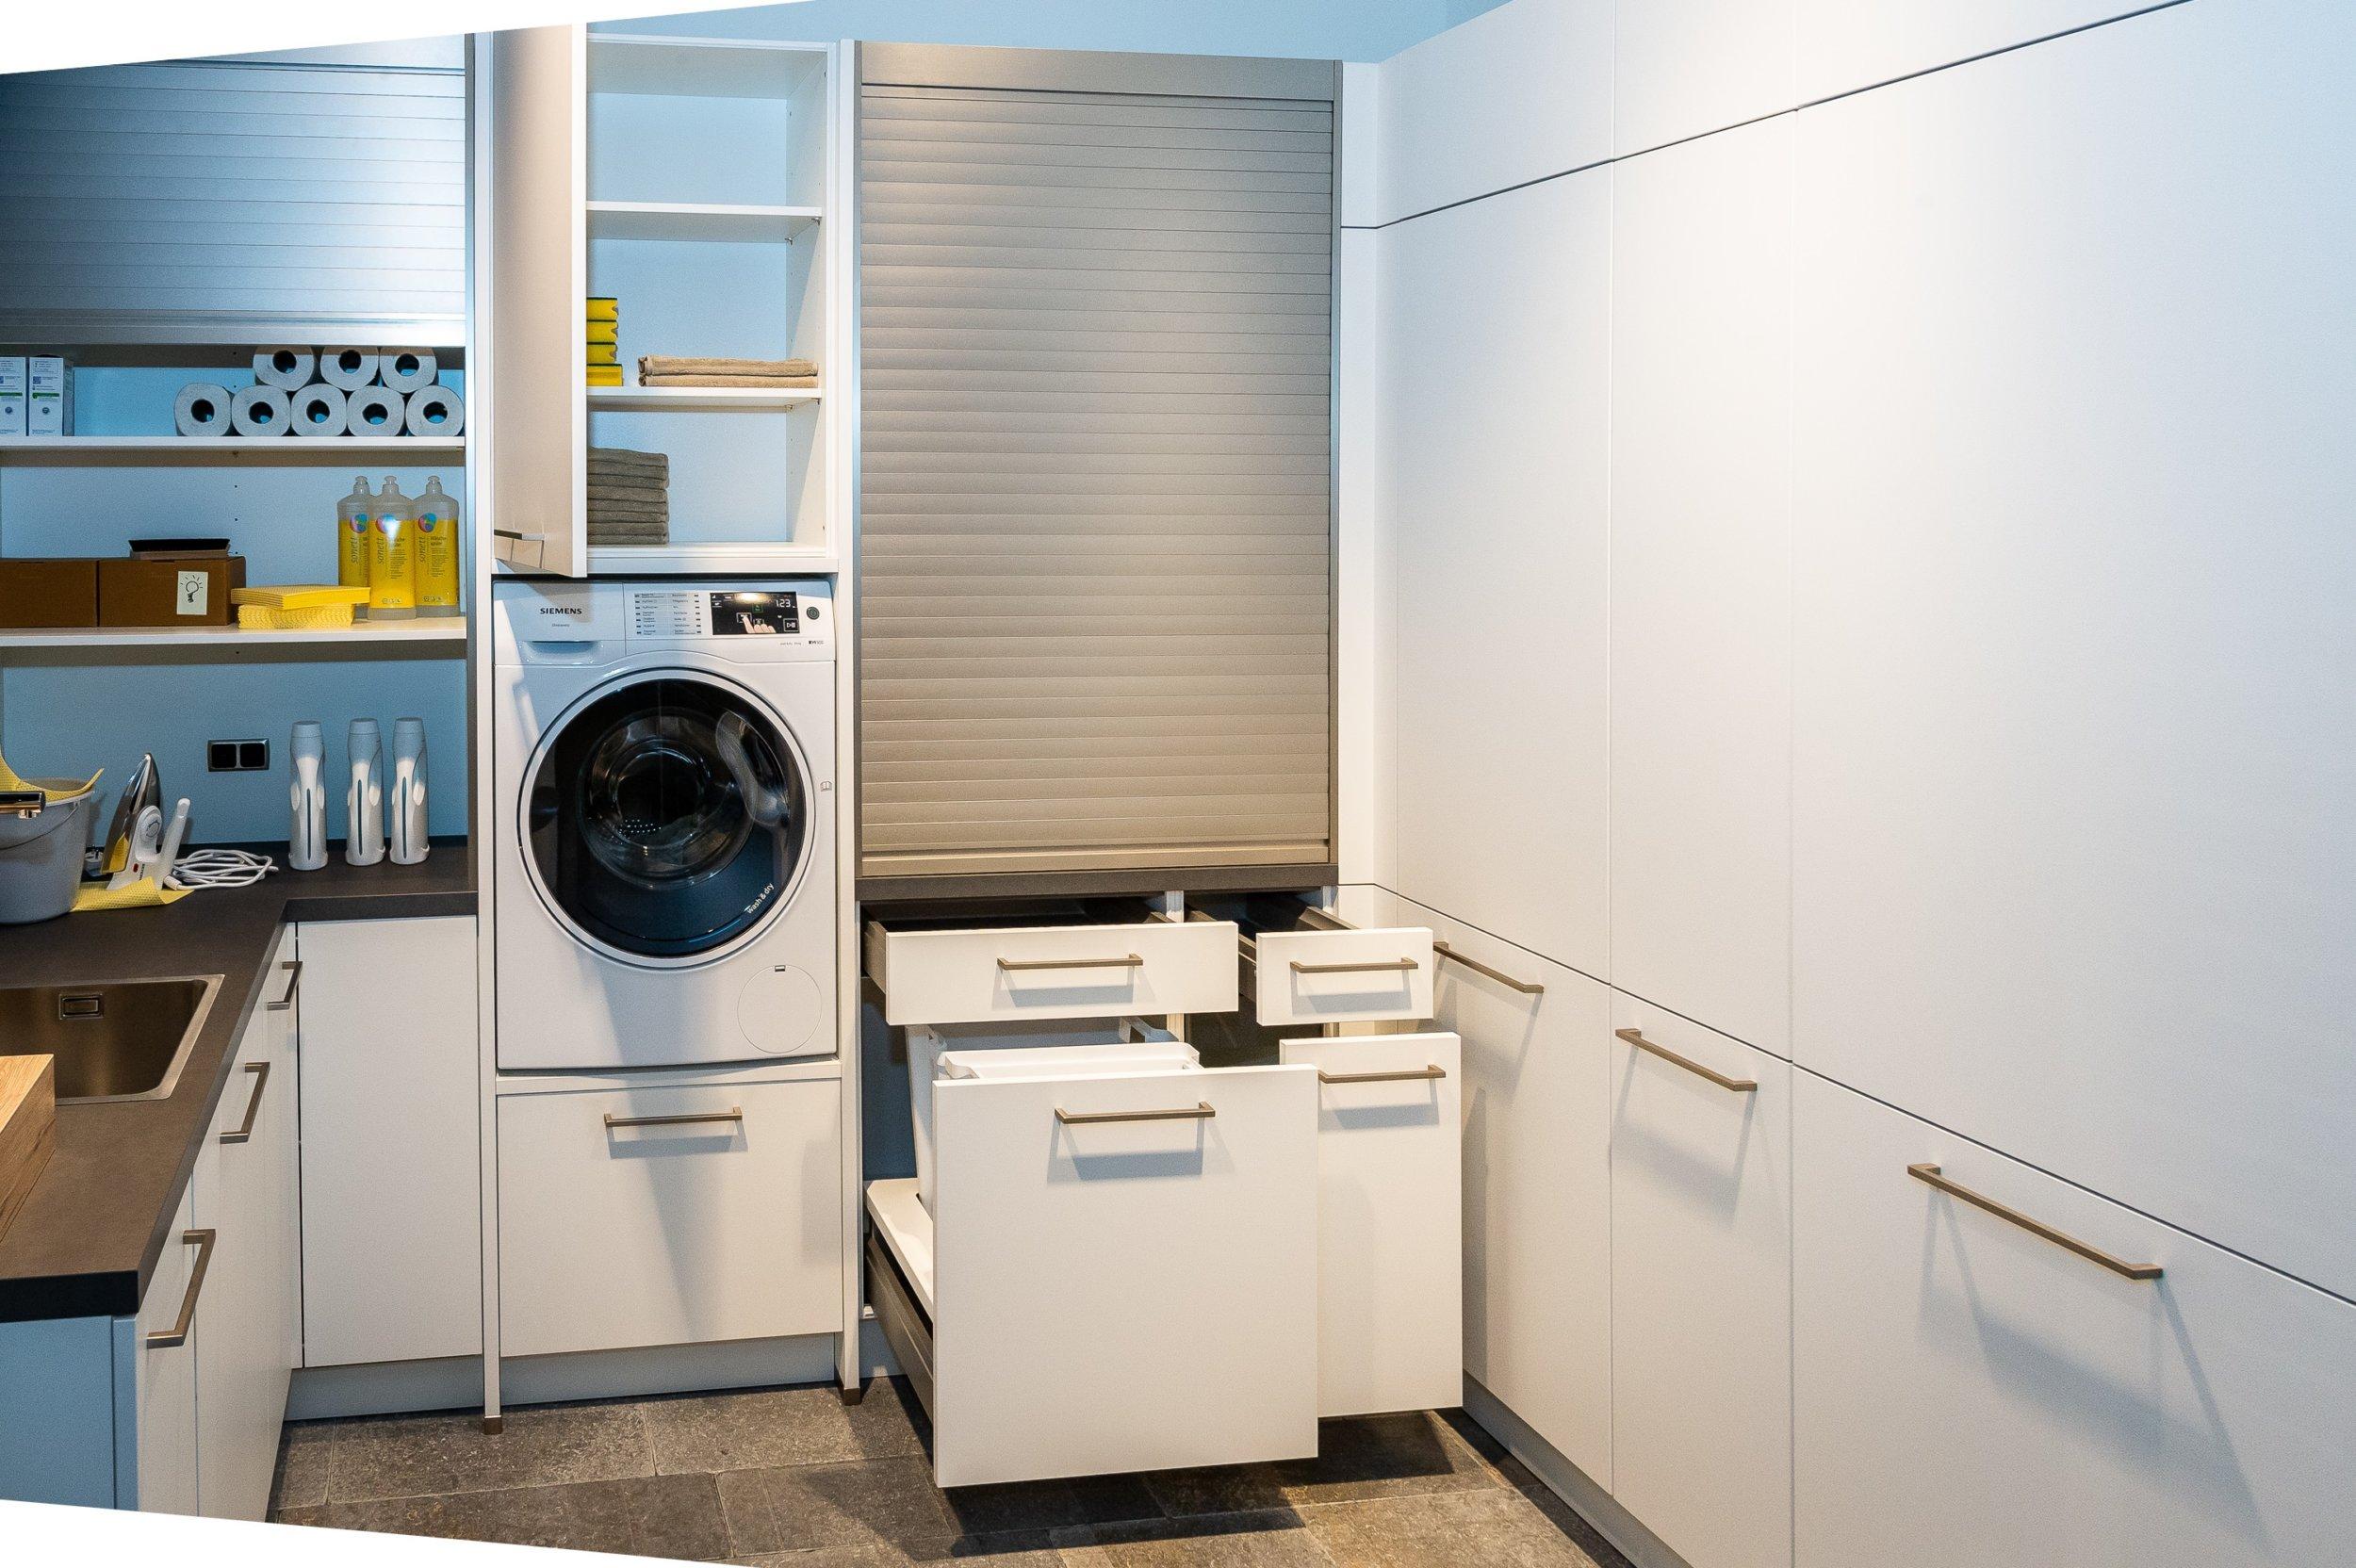 Full Size of Ikea Hauswirtschaftsraum Planen Nolte Wei Softmatt Jetzt Bei Kchenbrse 3 X Küche Kosten Kaufen Kostenlos Selber Bad Online Modulküche Betten Miniküche Wohnzimmer Ikea Hauswirtschaftsraum Planen